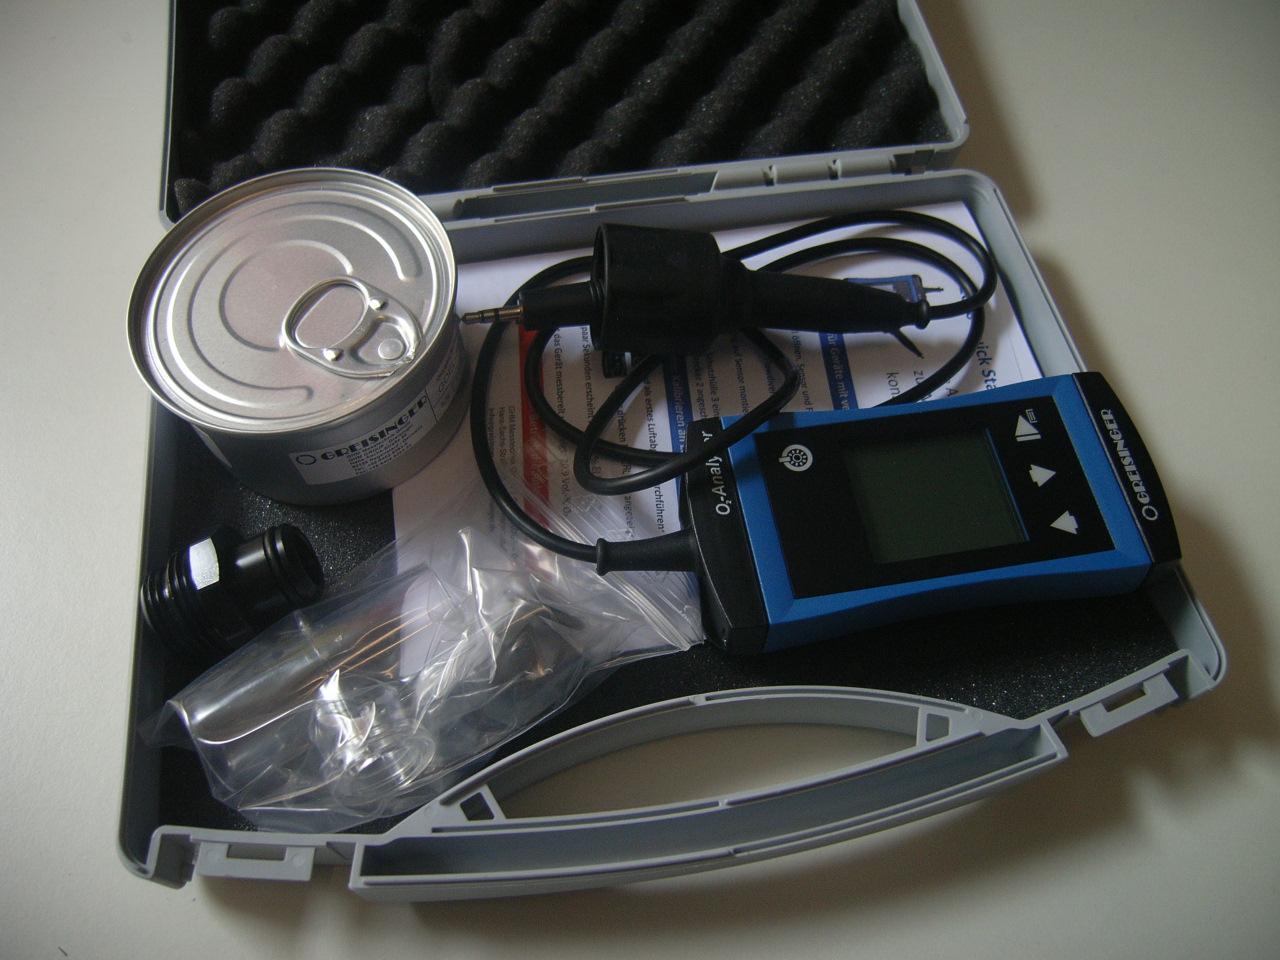 Sauerstoff Analyser GOX G1690T -  (Nachfolger vom bekannten GOX 100 T)